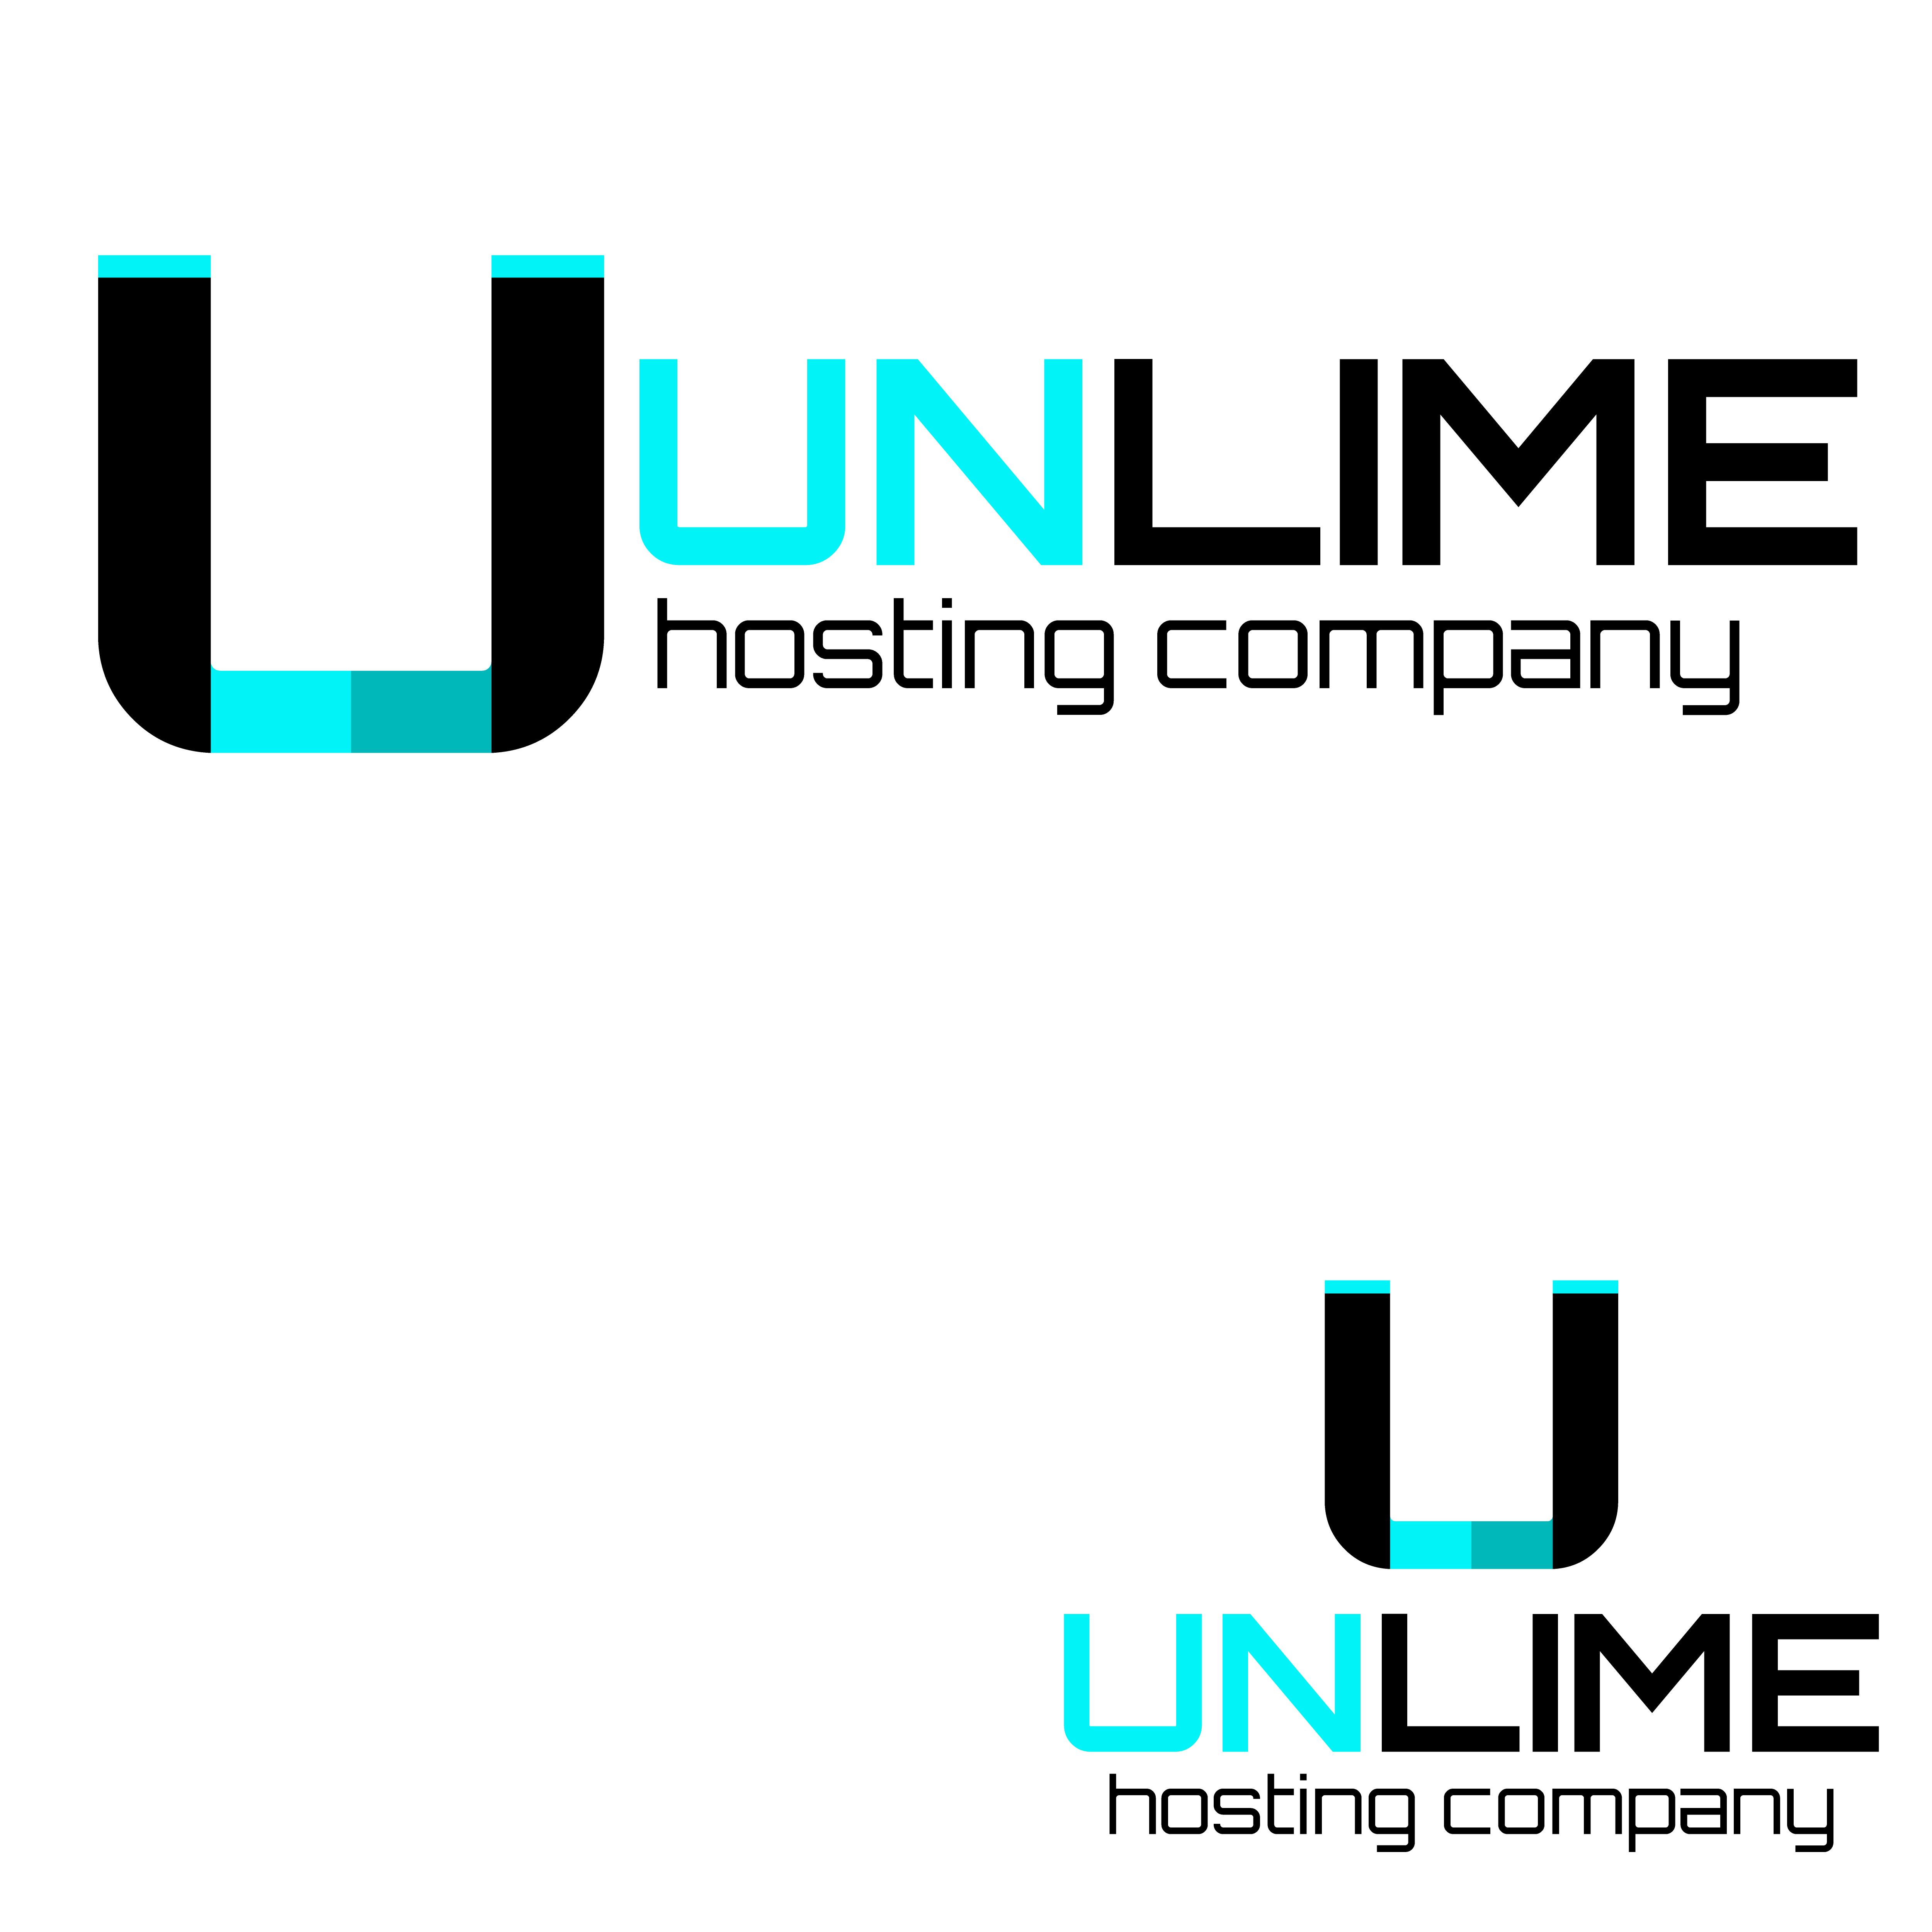 Разработка логотипа и фирменного стиля фото f_6305947d88c465af.jpg